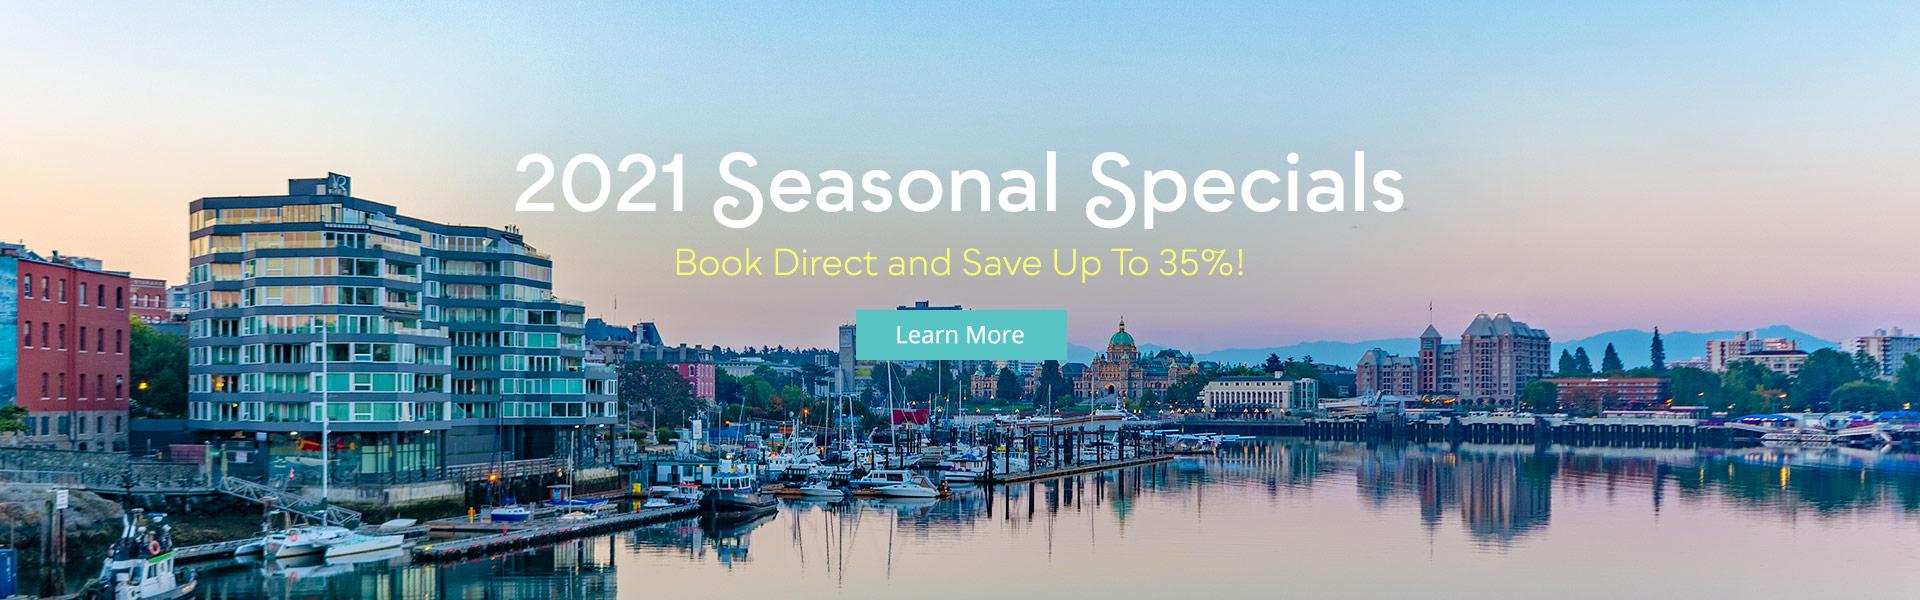 2021 Seasonal Specials at the Victoria Regent Hotel